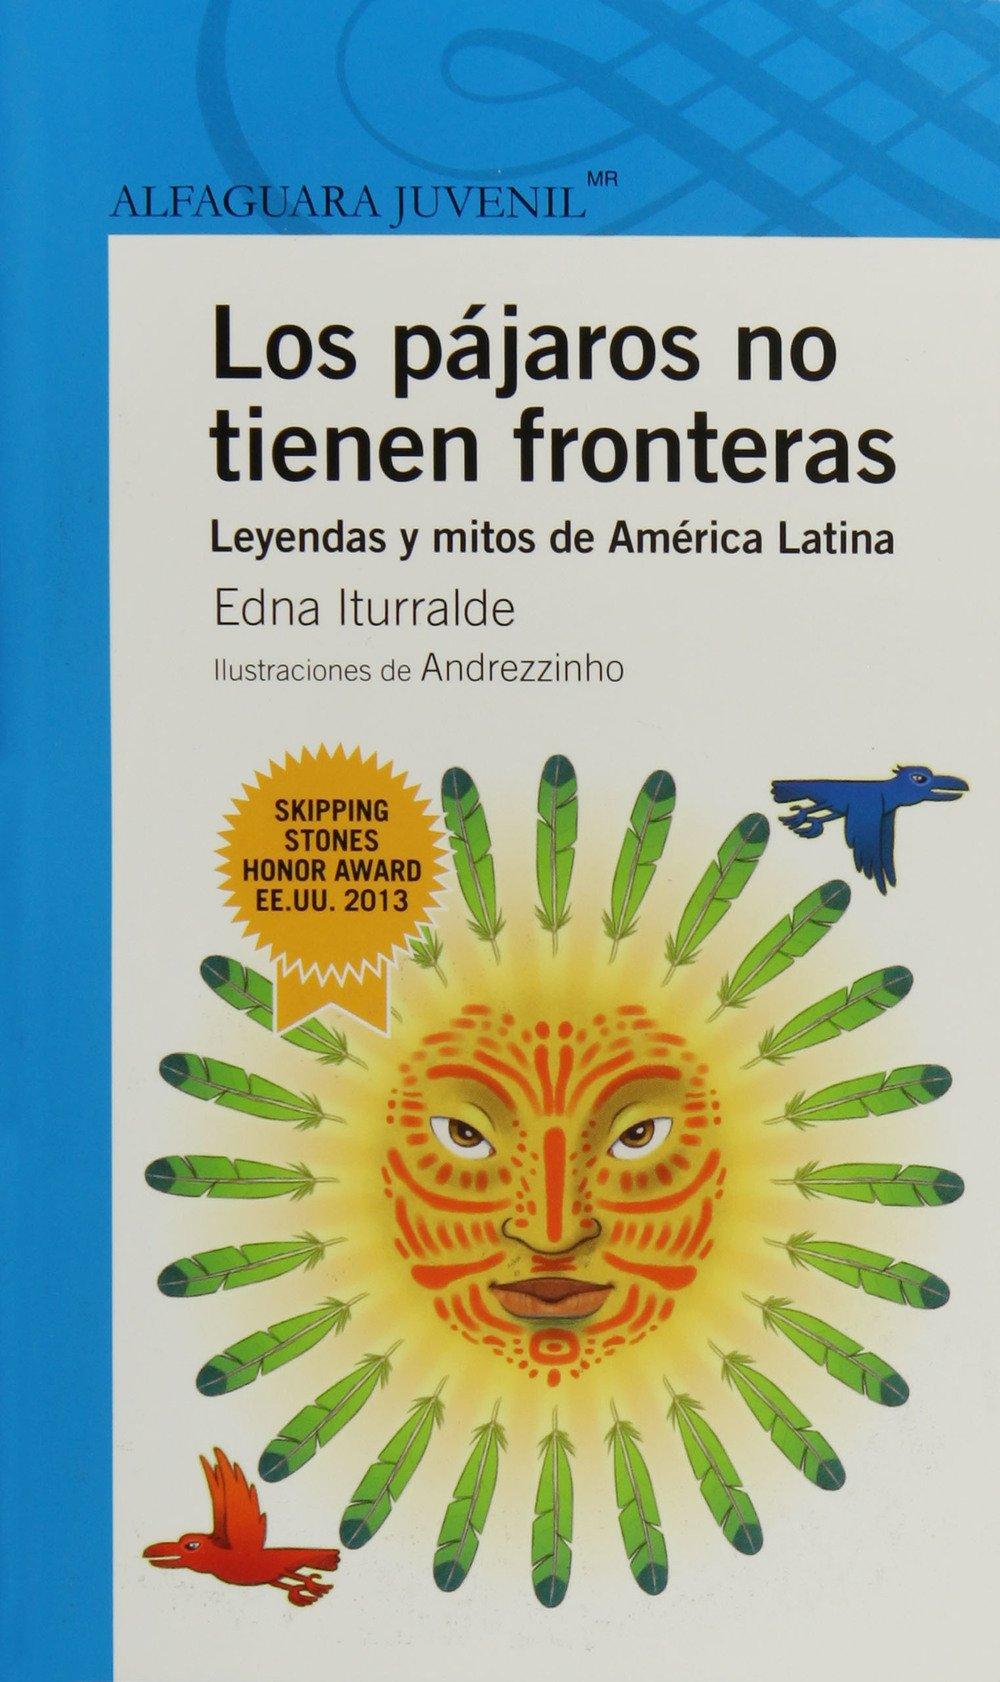 Los pájaros no tienen fronteras (Spanish Edition): Edna Iturralde, Andrezzinho: 9786070119149: Amazon.com: Books